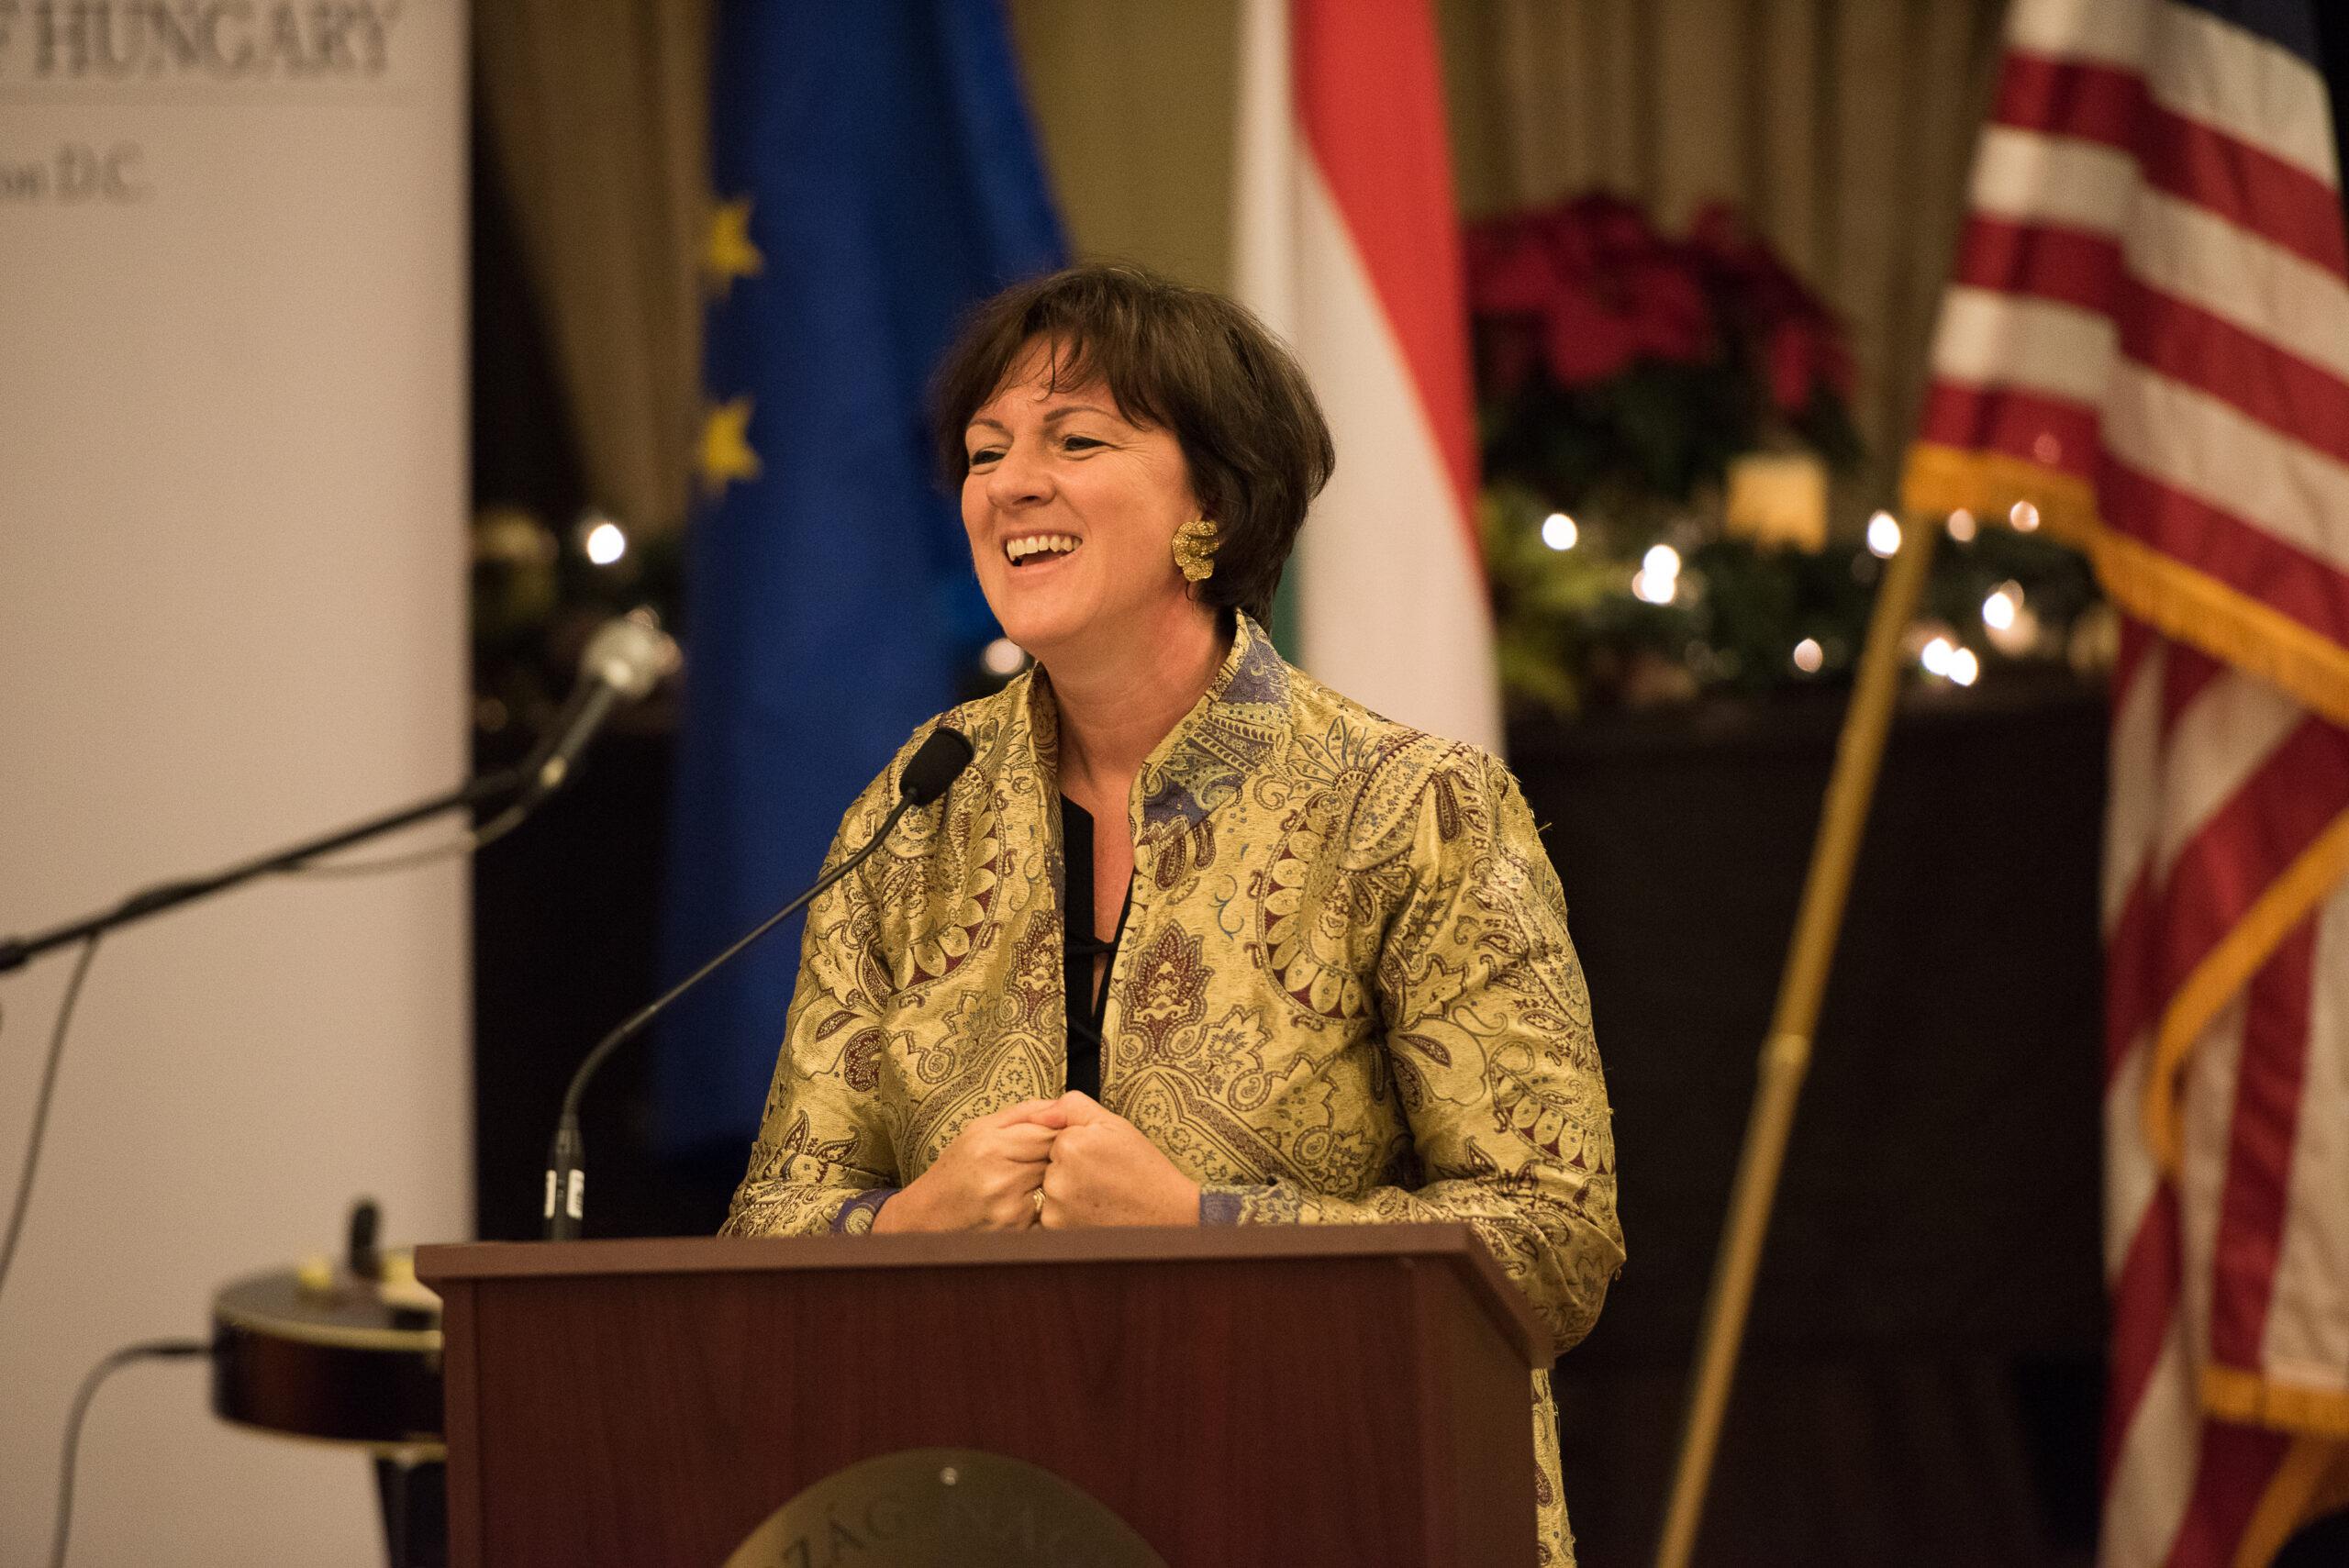 Ambassador Réka Szemerkényi delivering her welcoming remarks